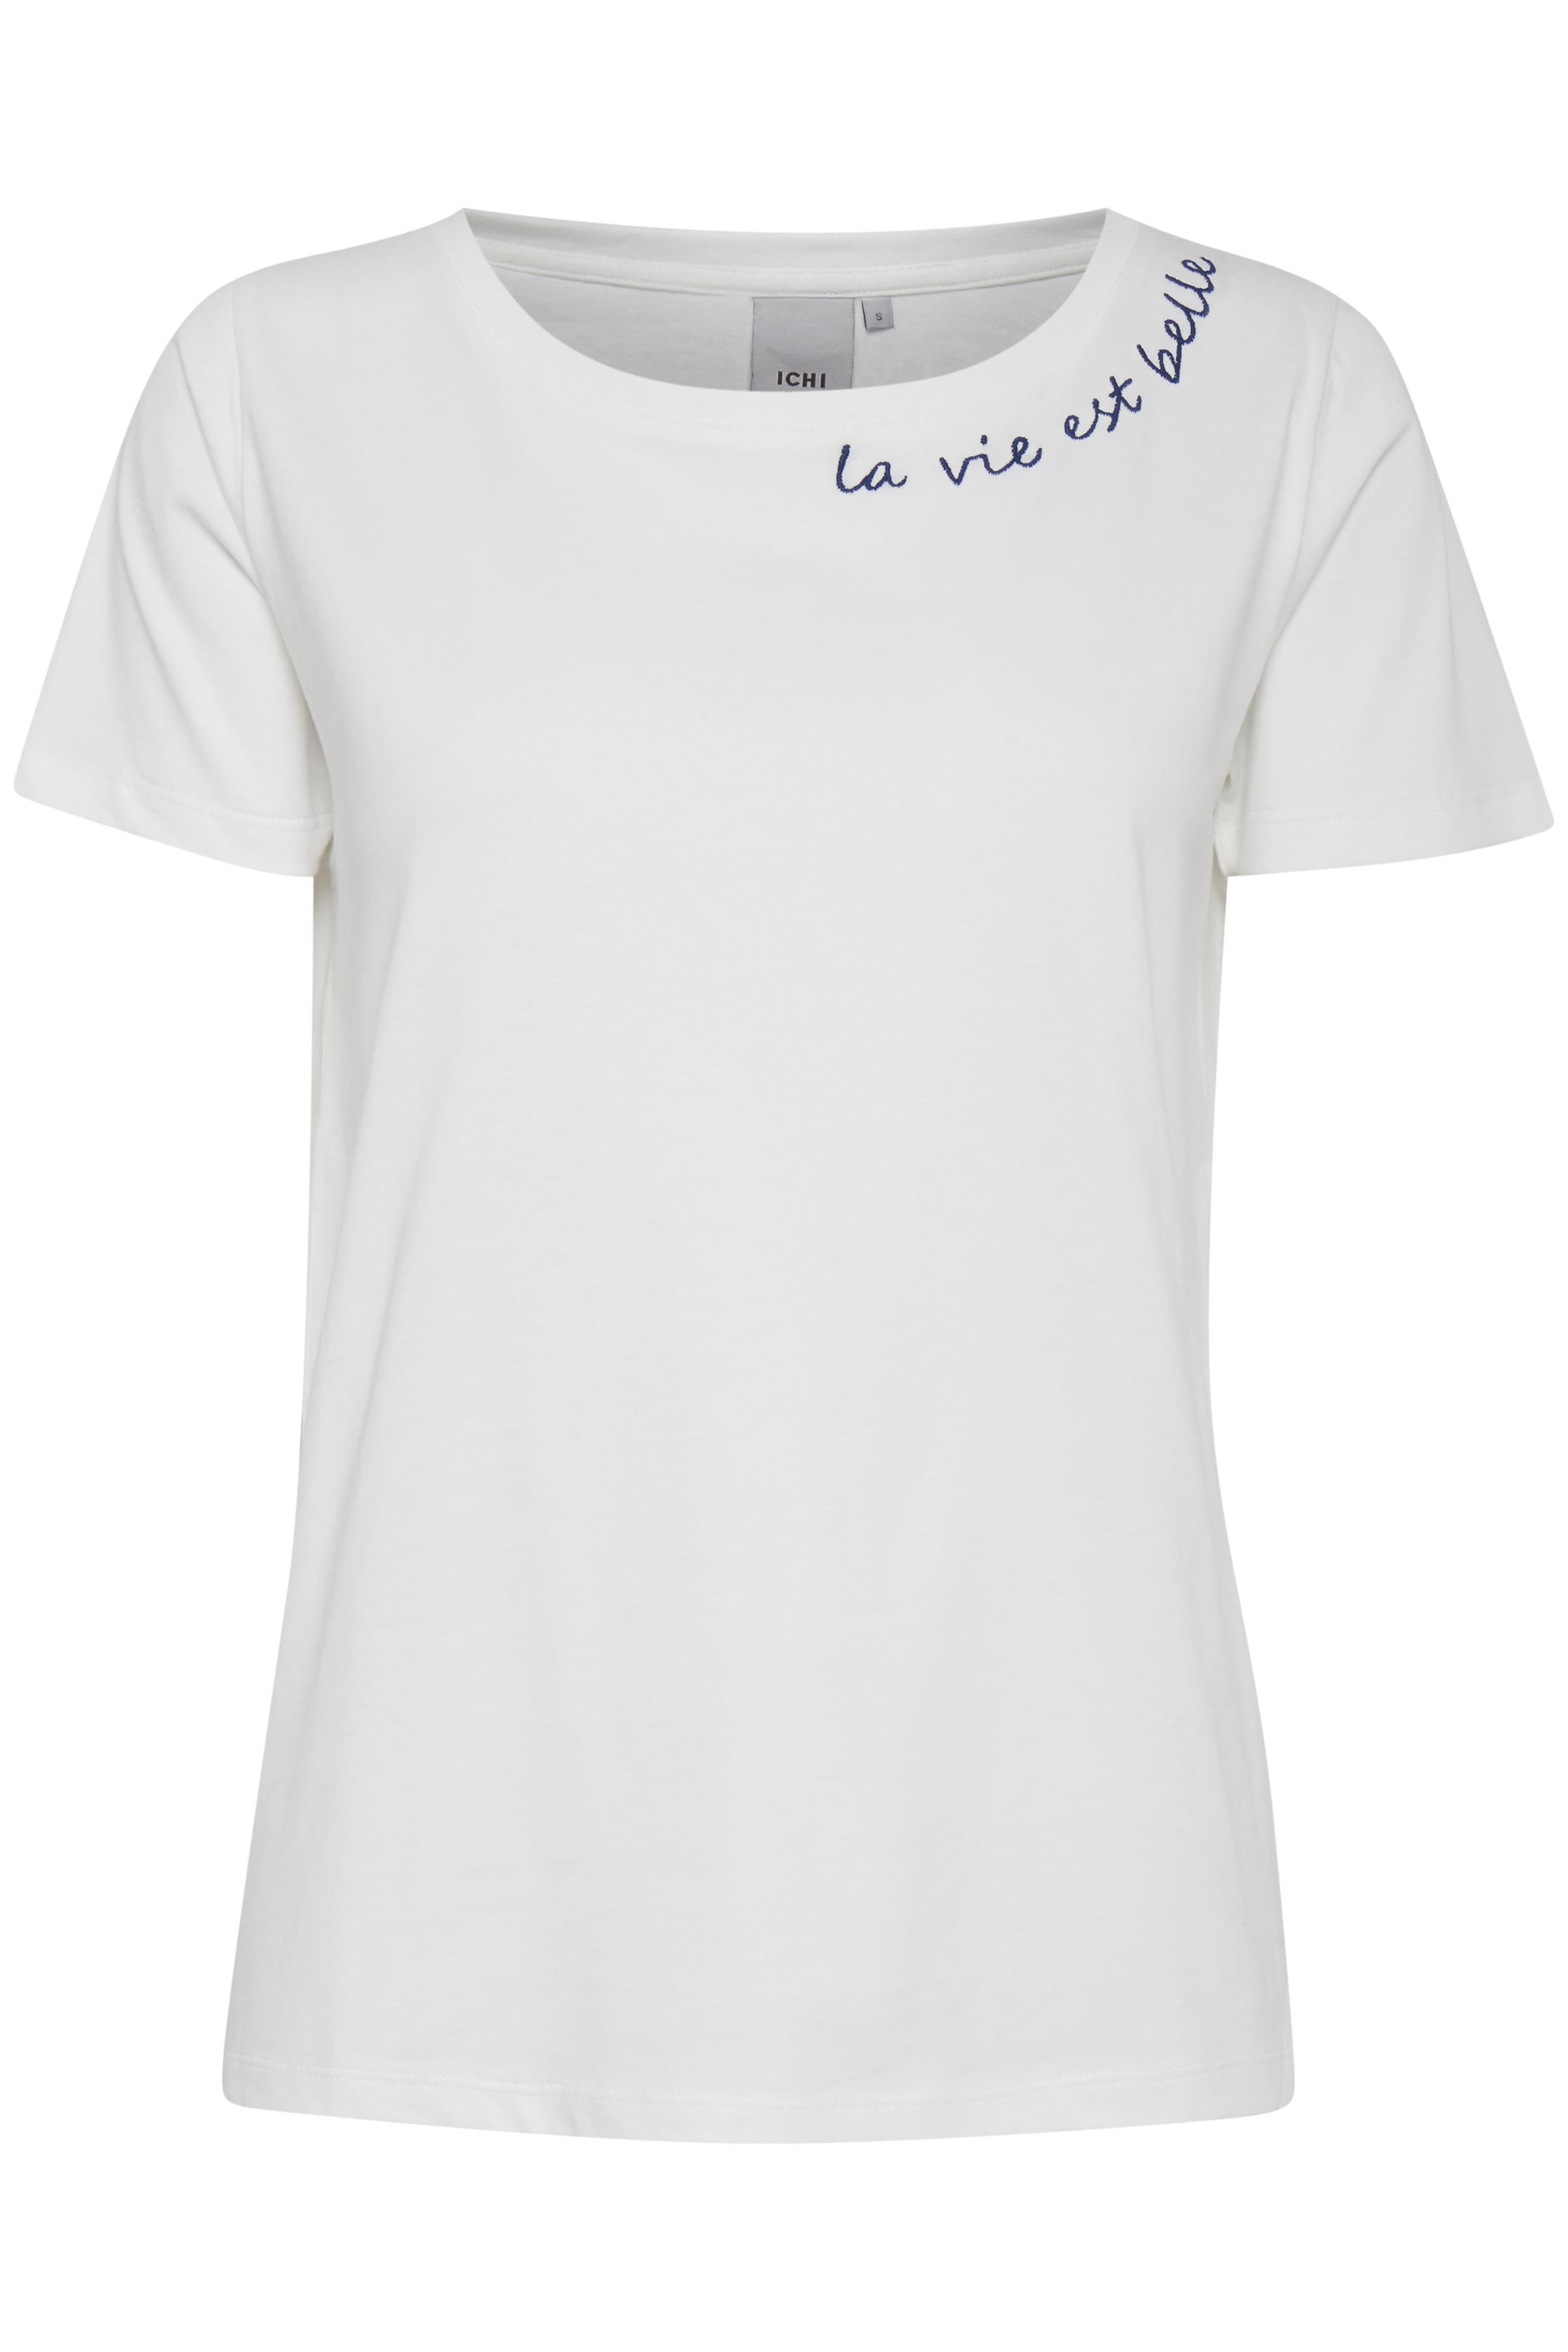 Cloud Dancer T-shirt – Køb Cloud Dancer T-shirt fra str. XS-XL her